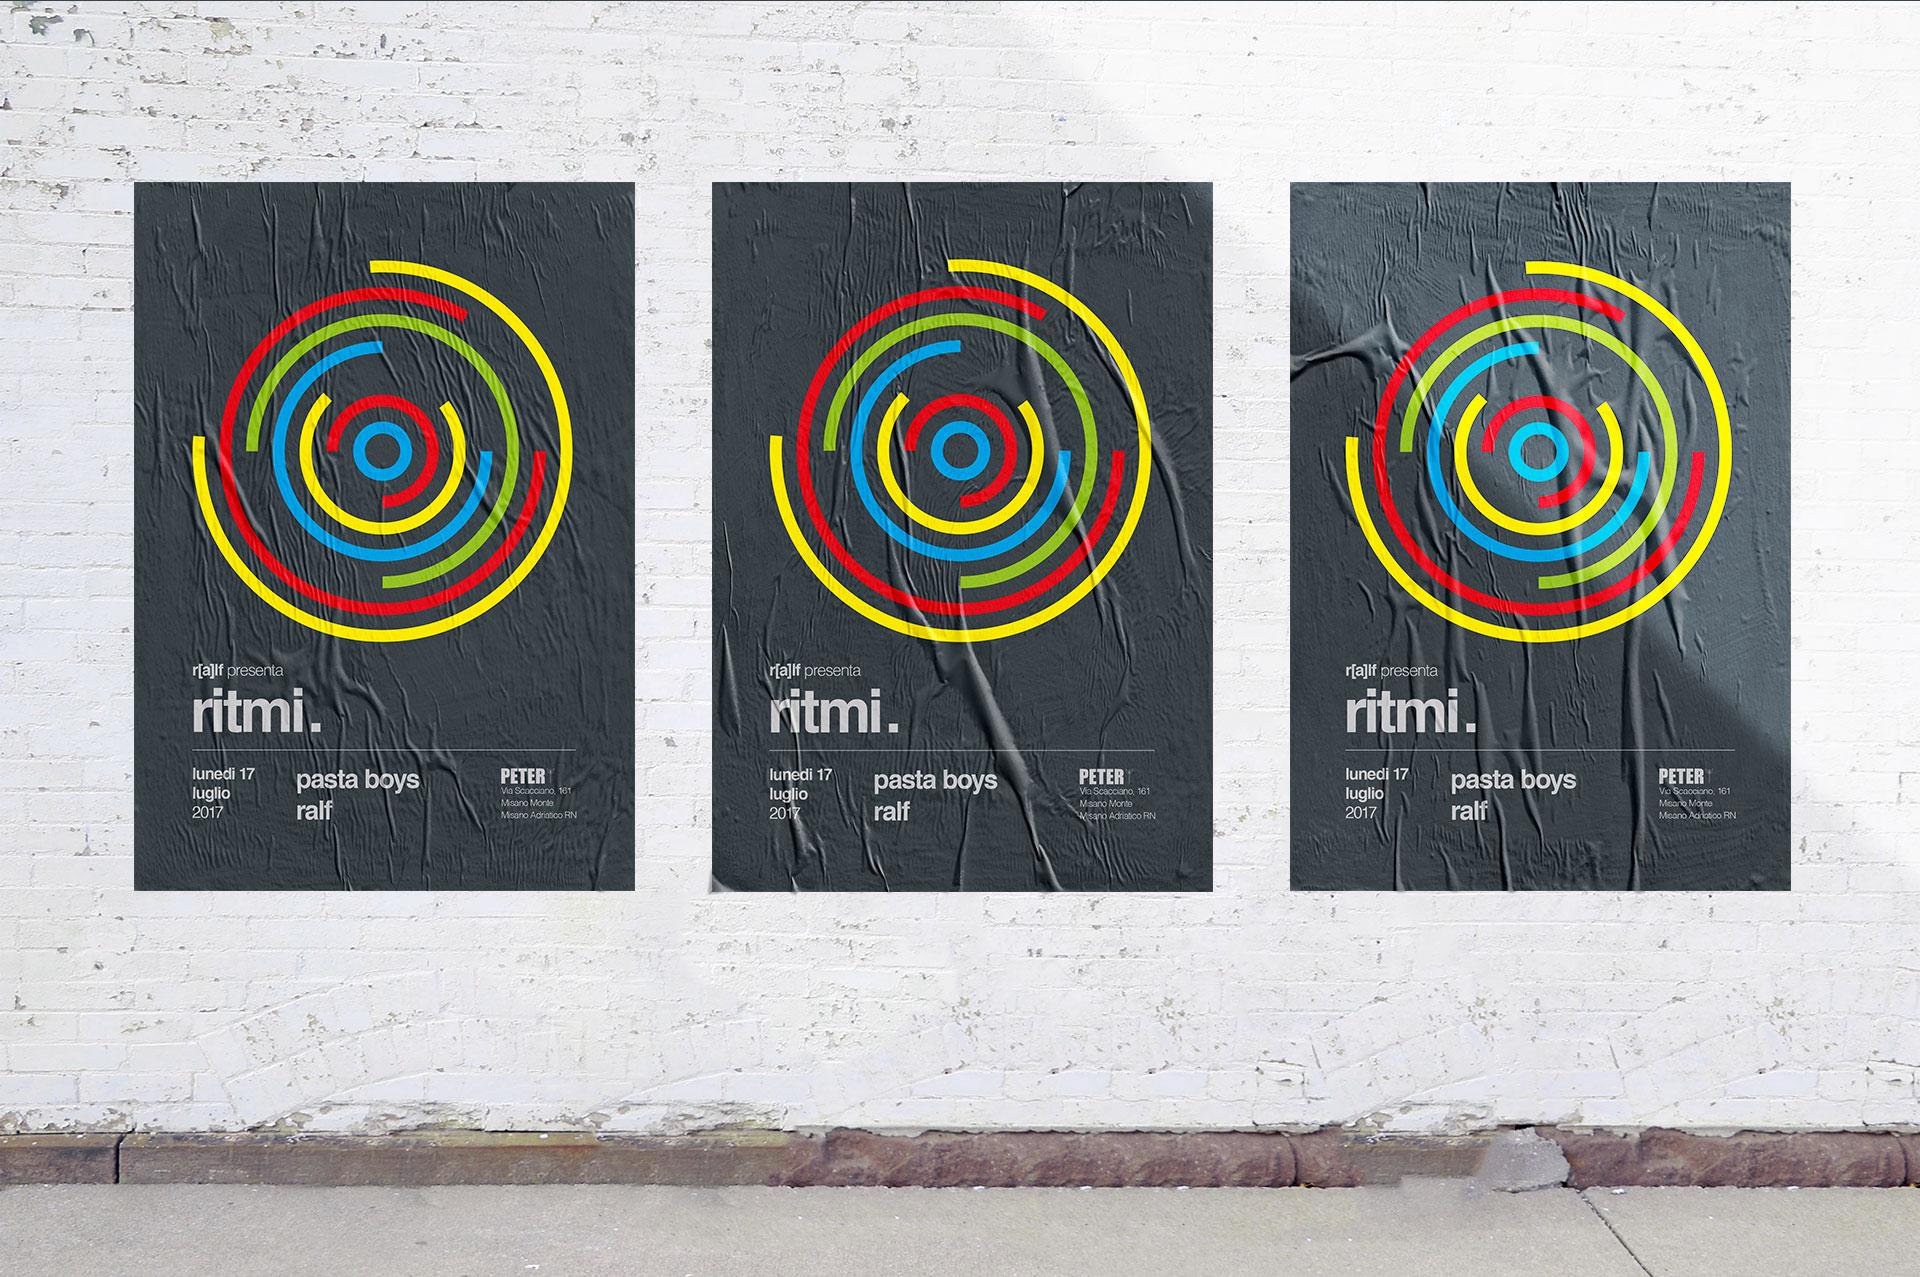 ritmi-graphic-design-zerouno4